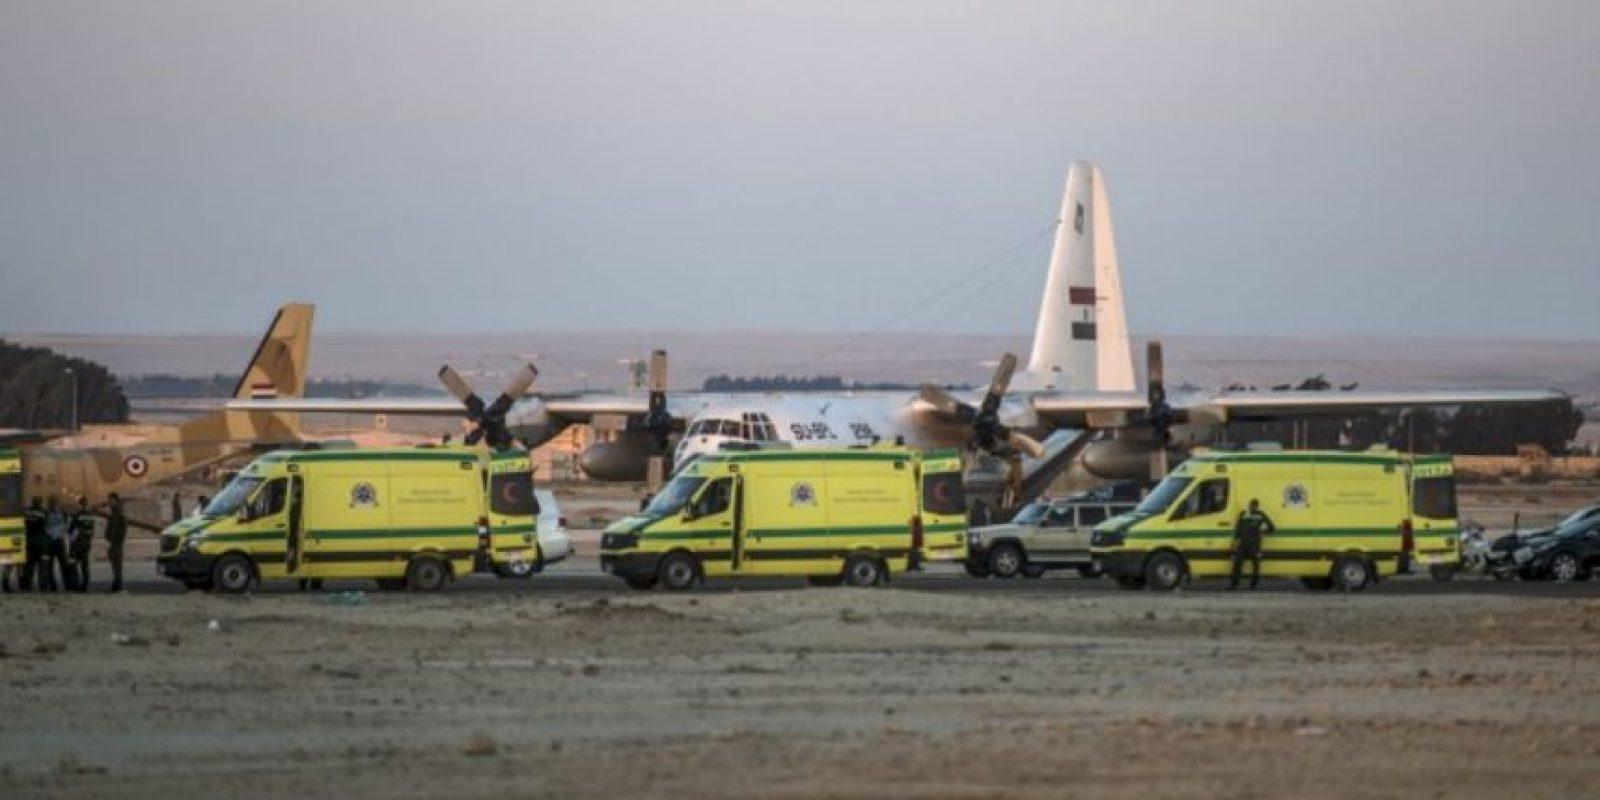 Compañía aérea: Kogalimavia, también conocida como Kolavia. Es una aerolínea basada en Kogalim, en la región de Tiumén, Rusia. Foto:AFP